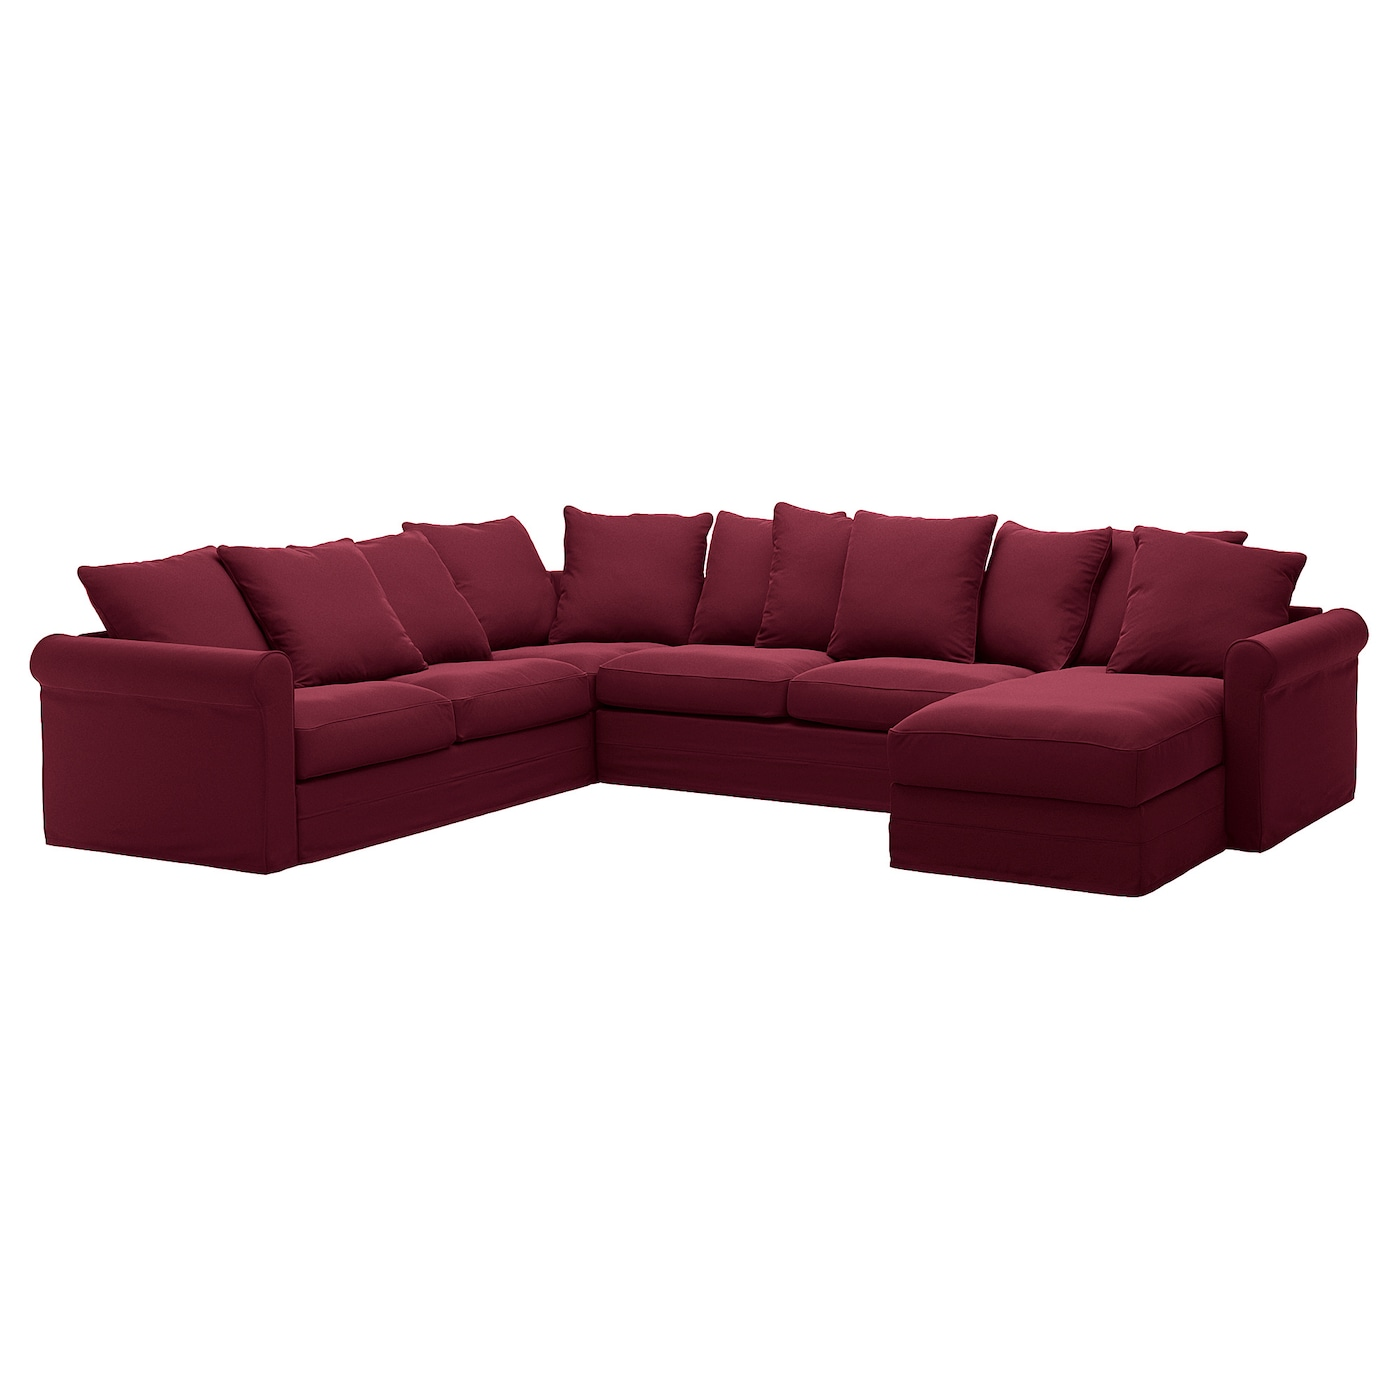 Corner Sleeper Sofa 5 Seat Gronlid With Chaise Ljungen Dark Red